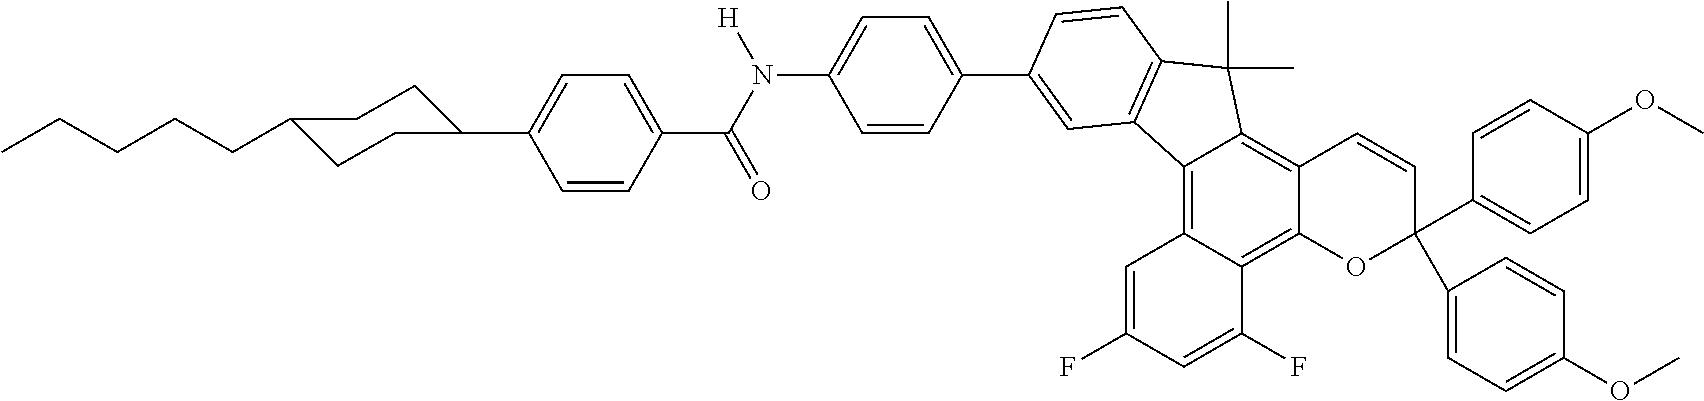 Figure US08545984-20131001-C00019